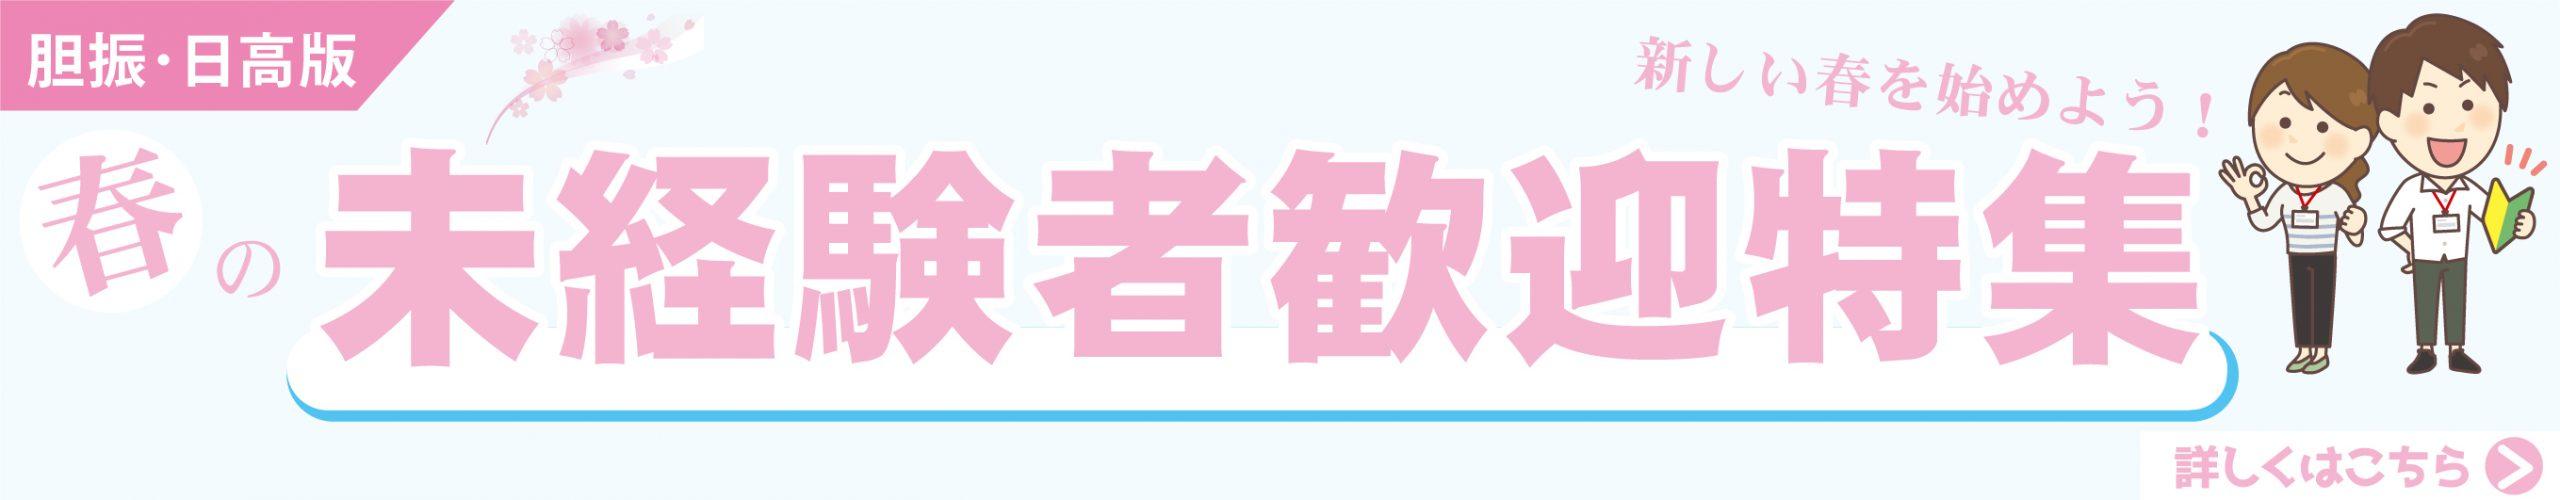 春の未経験者歓迎特集(胆振・日高版)